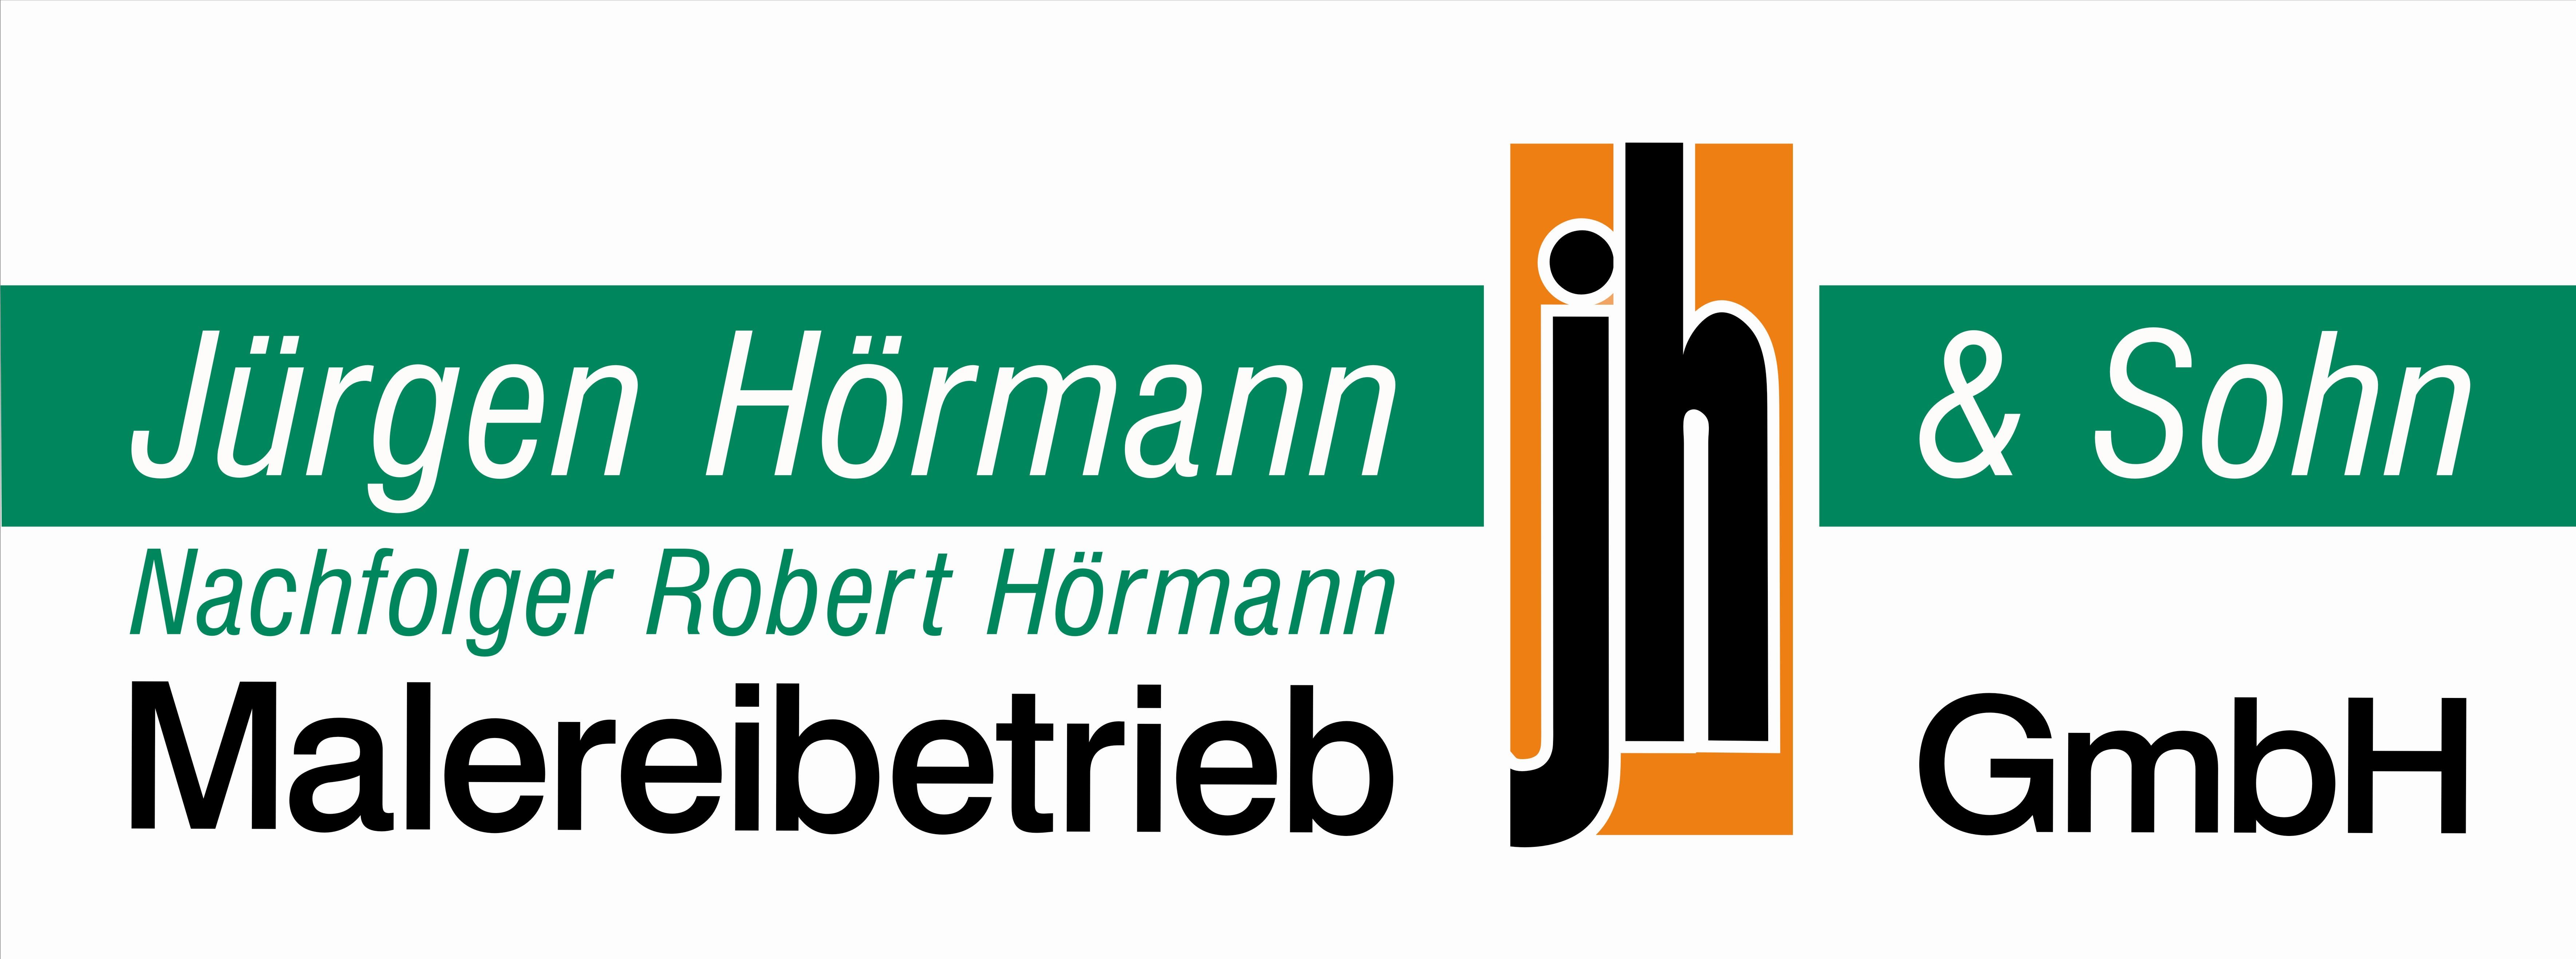 Malereibetrieb Jürgen Hörmann & Sohn GmbH